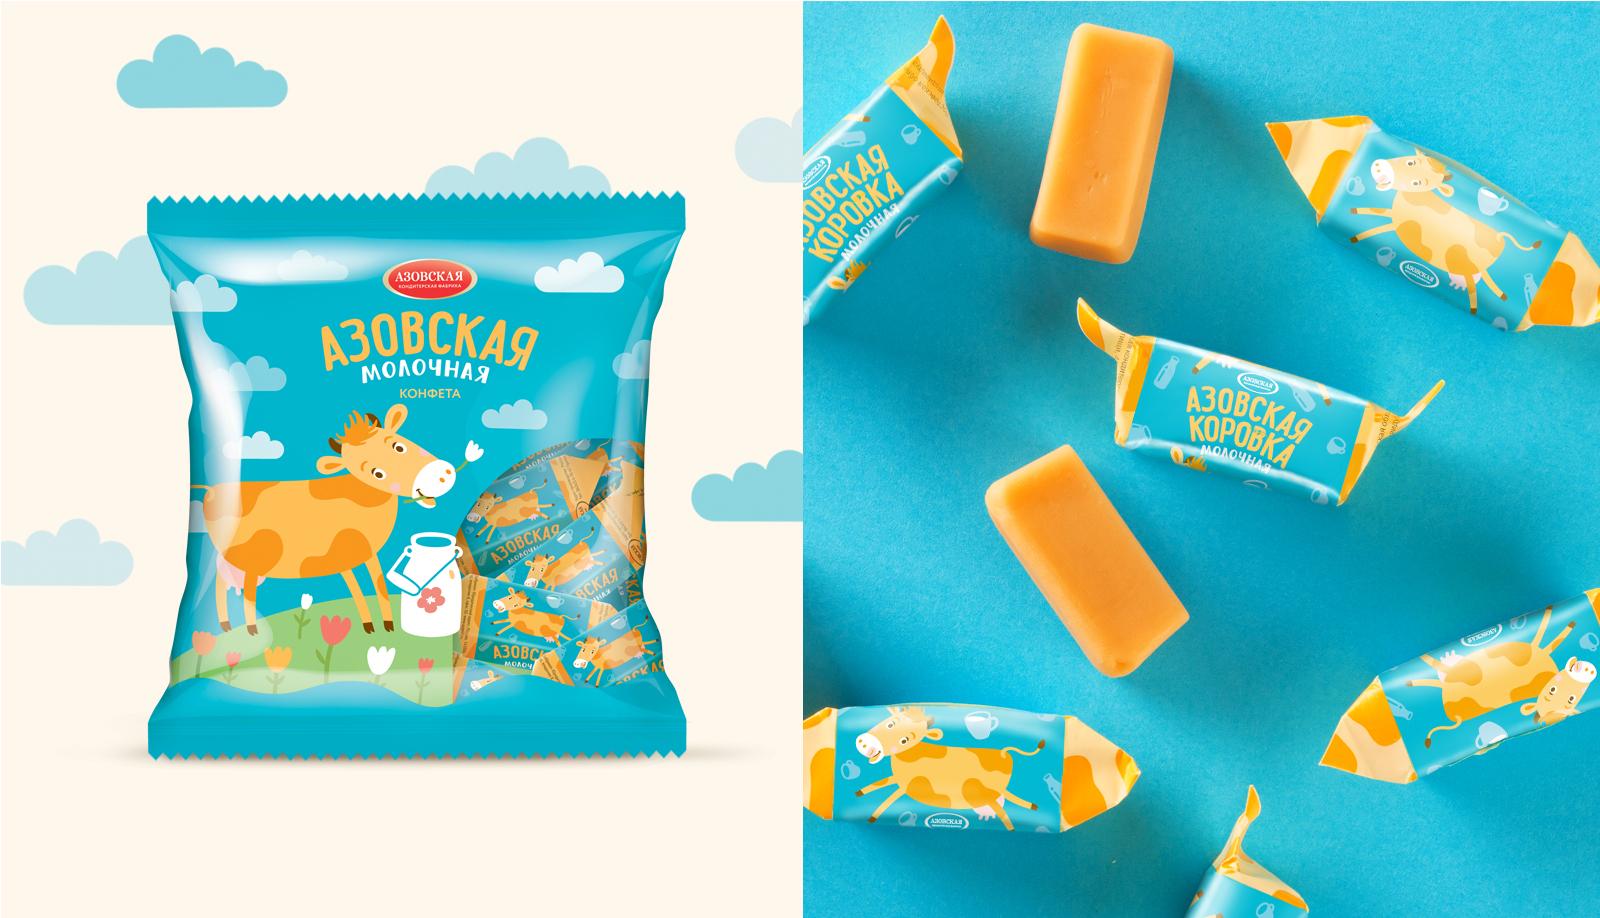 Дизайн упаковки «Азовская Коровка» «Азовская Коровка» — особая категория любимых с детства конфет на основе сгущенного молока. Актуальный и современный дизайн упаковки на основе авторских иллюстраций формирует привлекательный для самой широкой аудитории образ бренда.